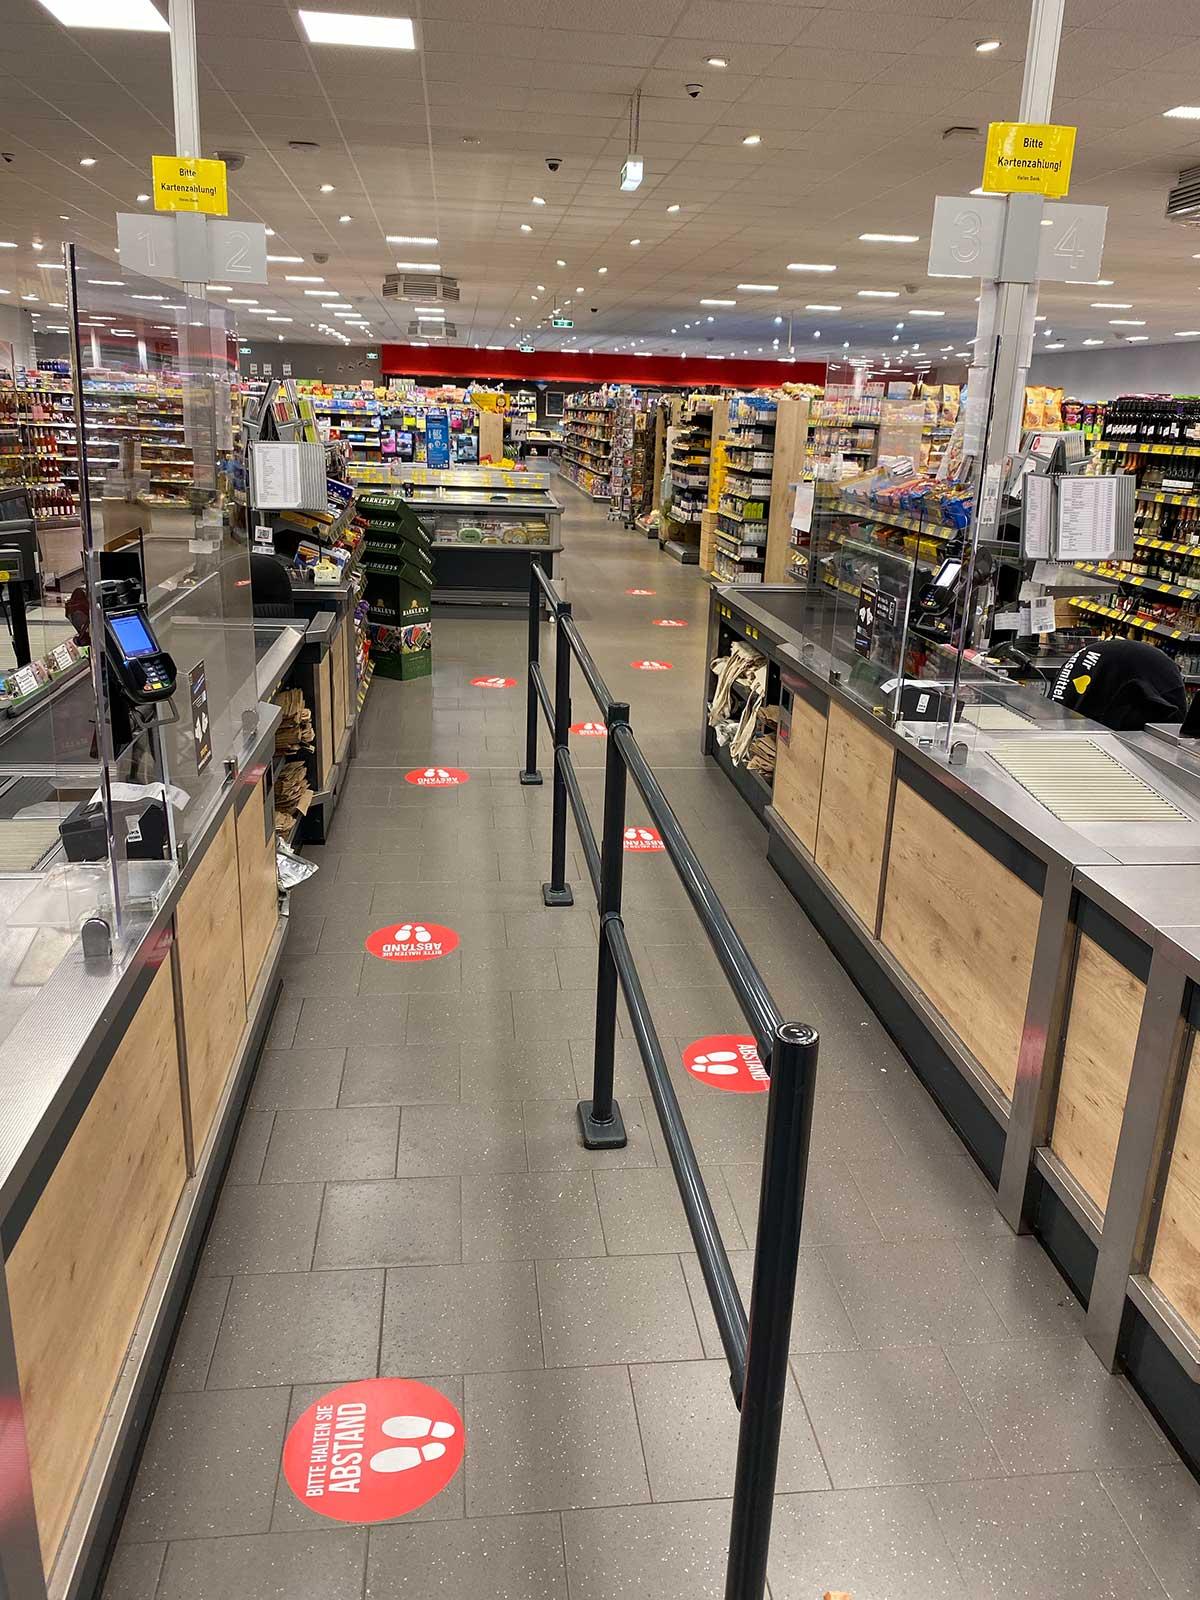 Fußbodenaufkleber - Abstand halten